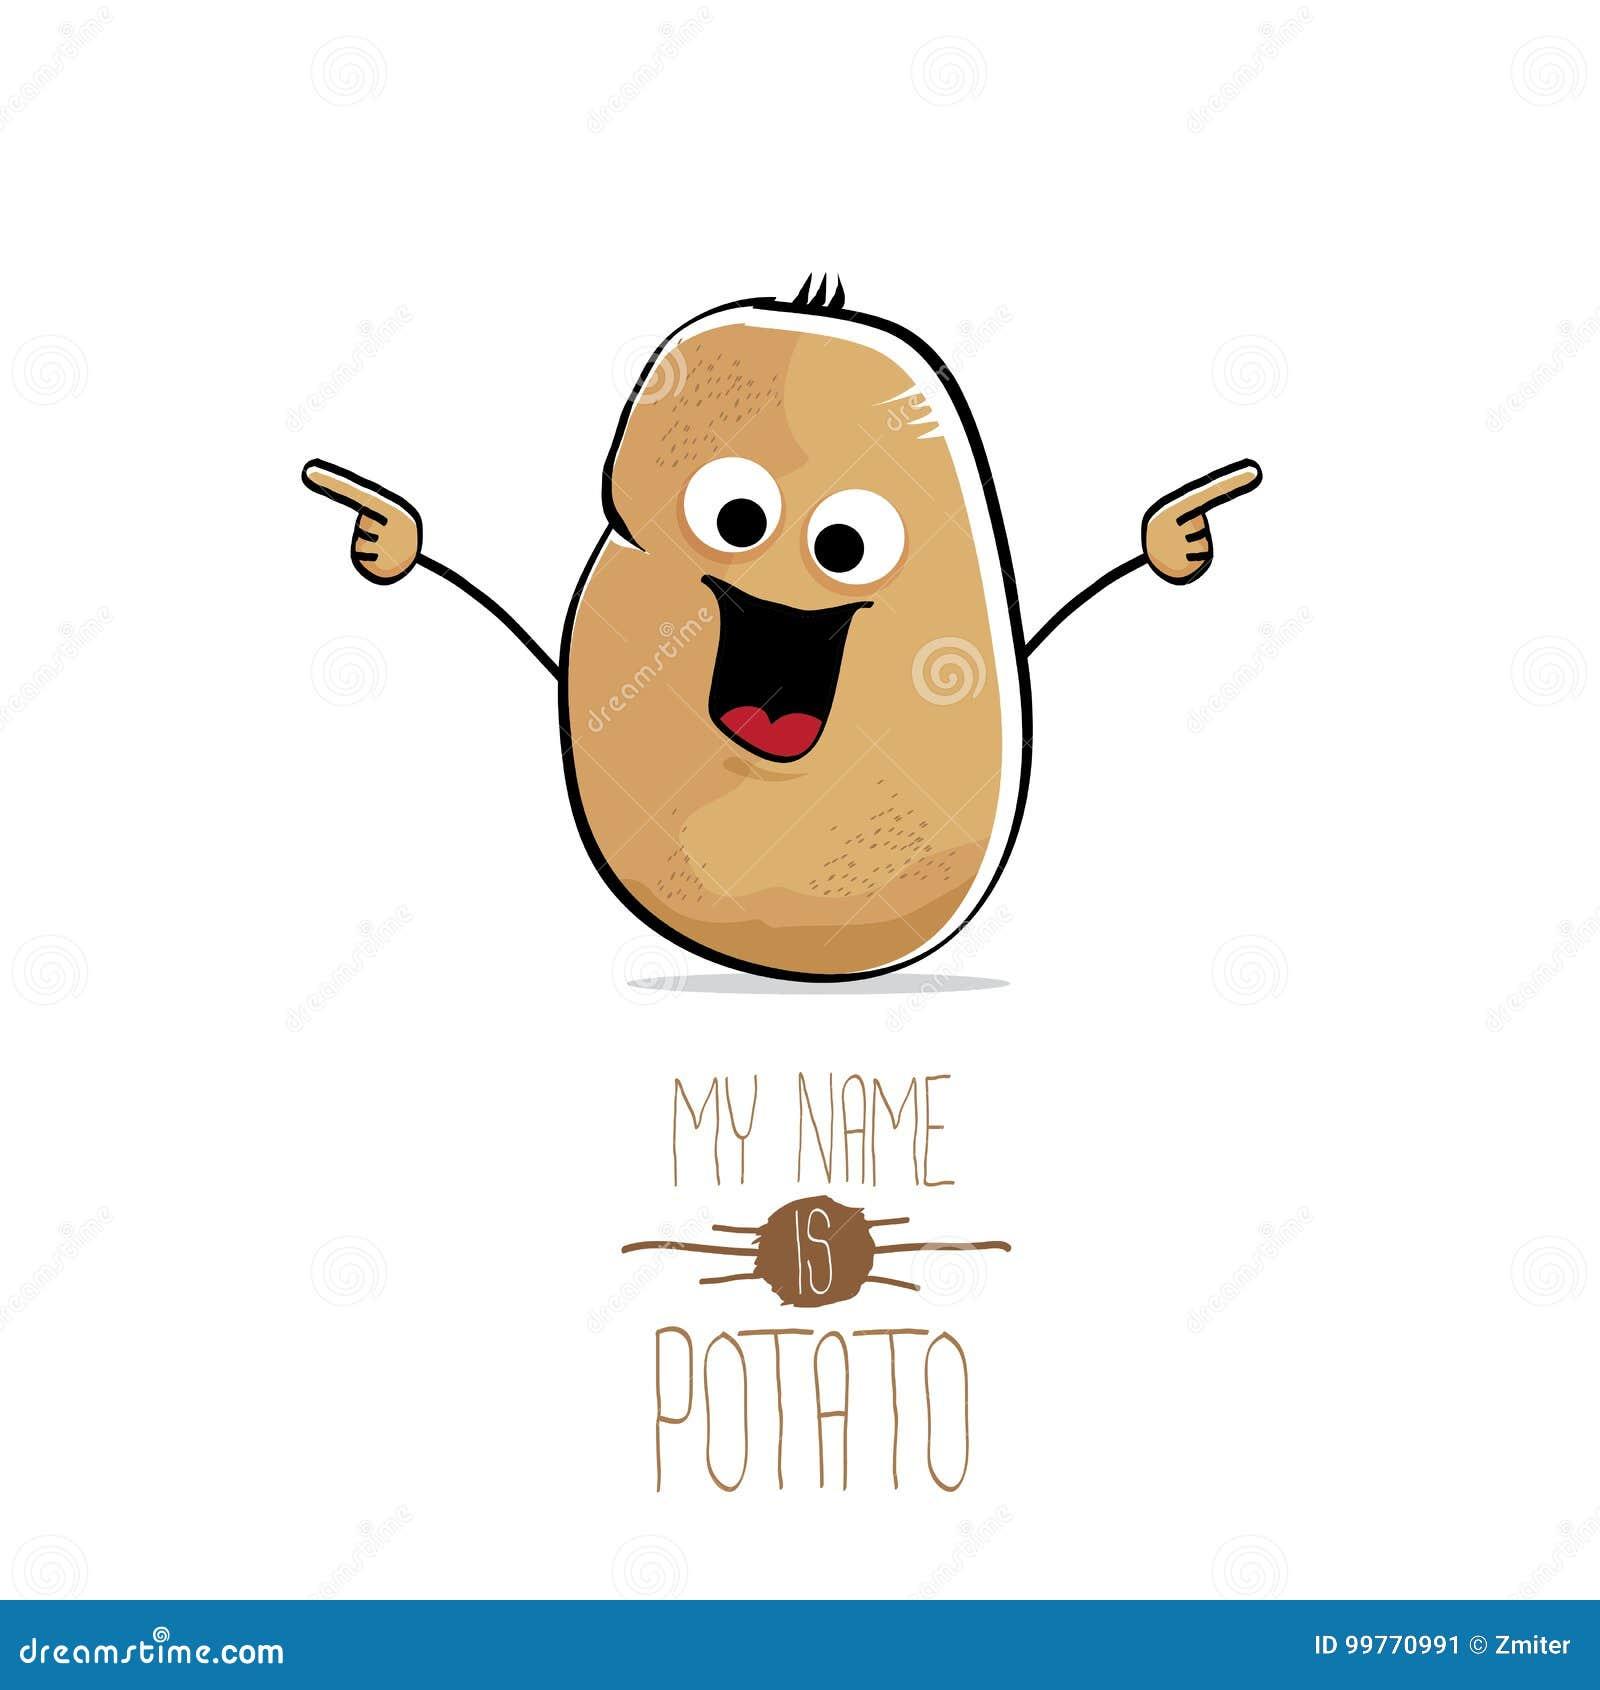 Διανυσματική αστεία χαριτωμένη καφετιά πατάτα κινούμενων σχεδίων που απομονώνεται στο λευκό